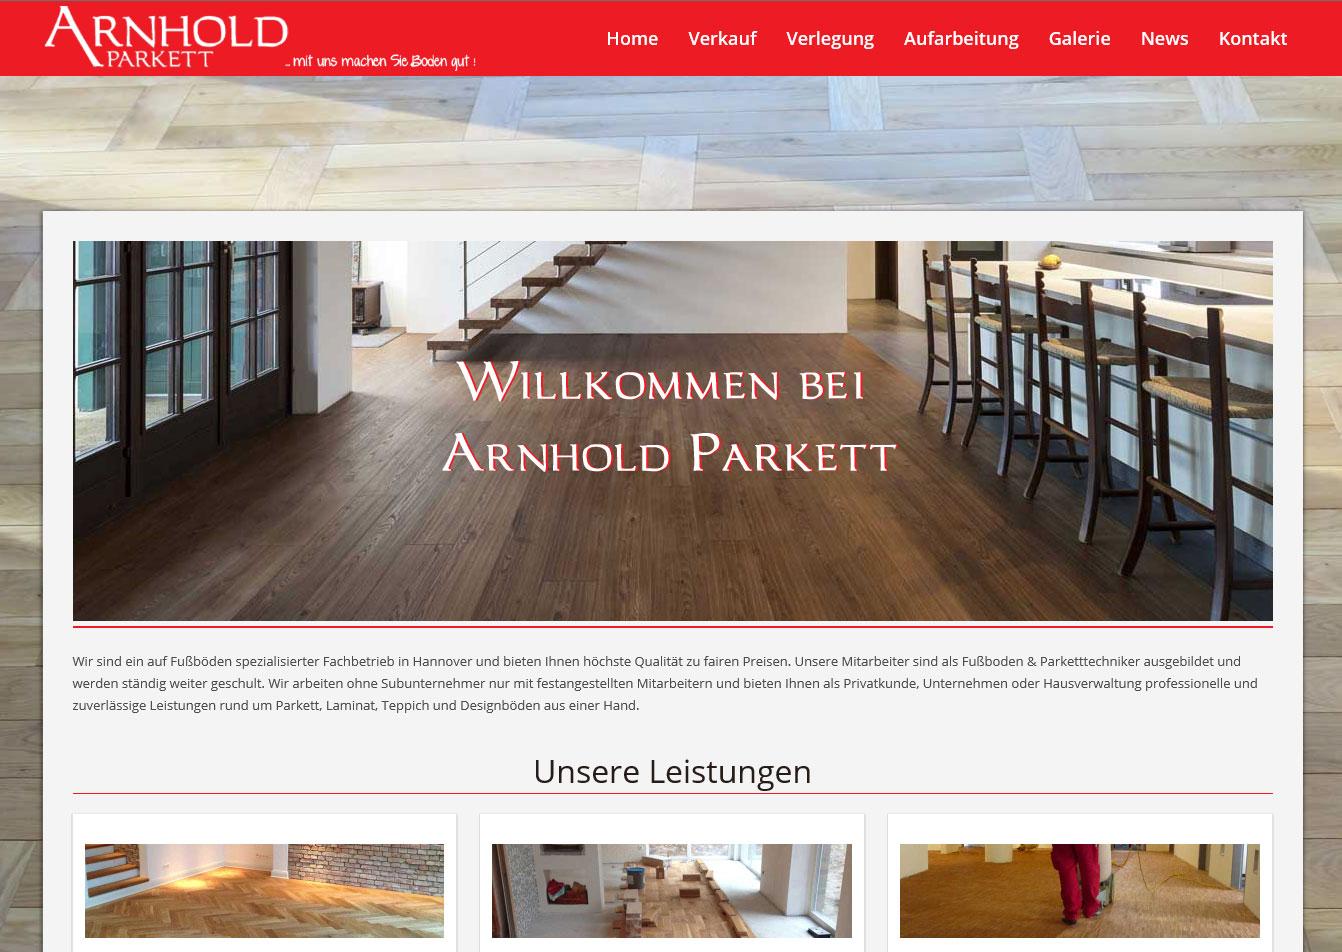 Parkett Hannover webdesigner hannover webdesign hannover internetauftritt arnhold